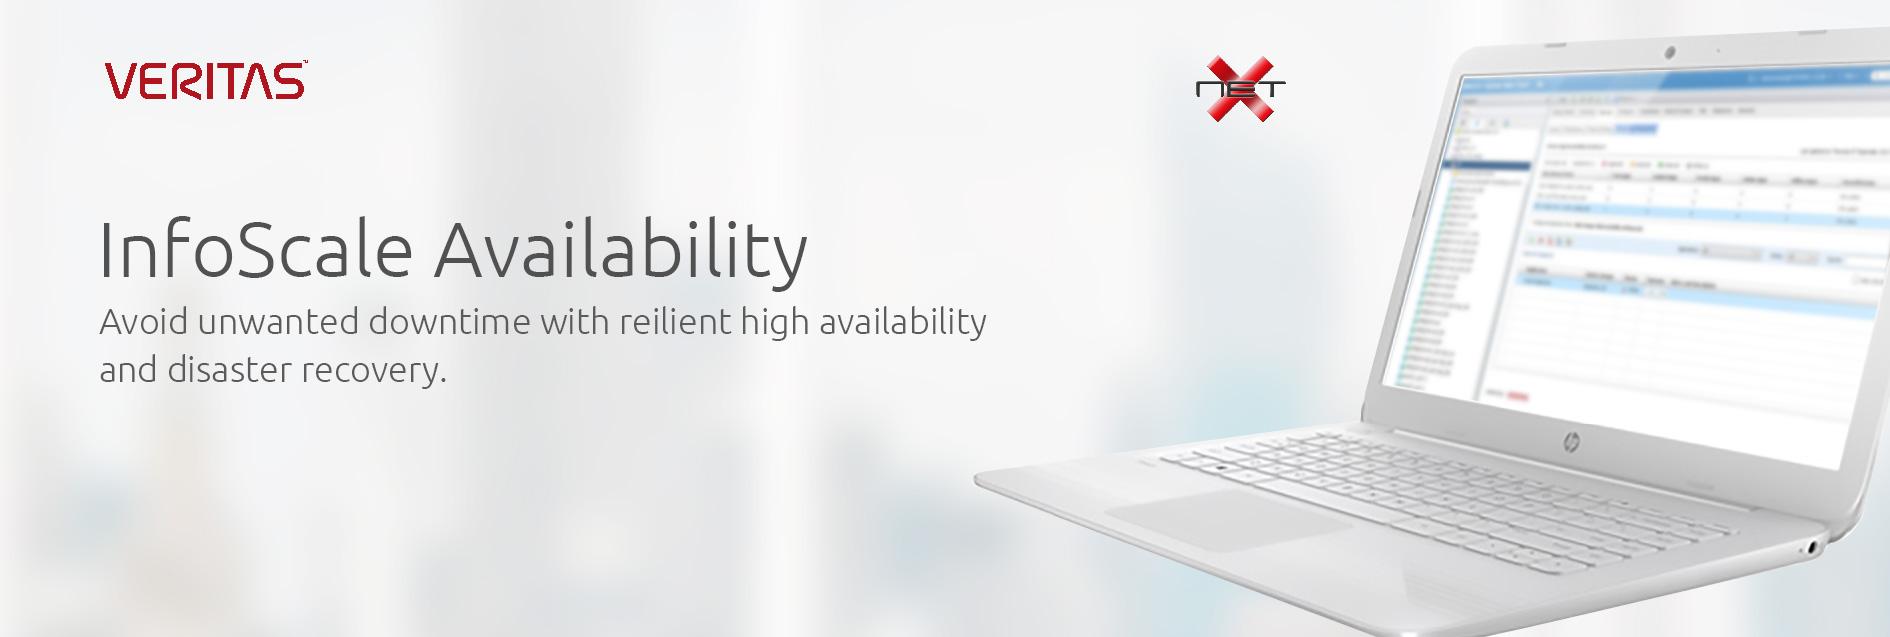 netx-veritas-infoscale-availability-banner